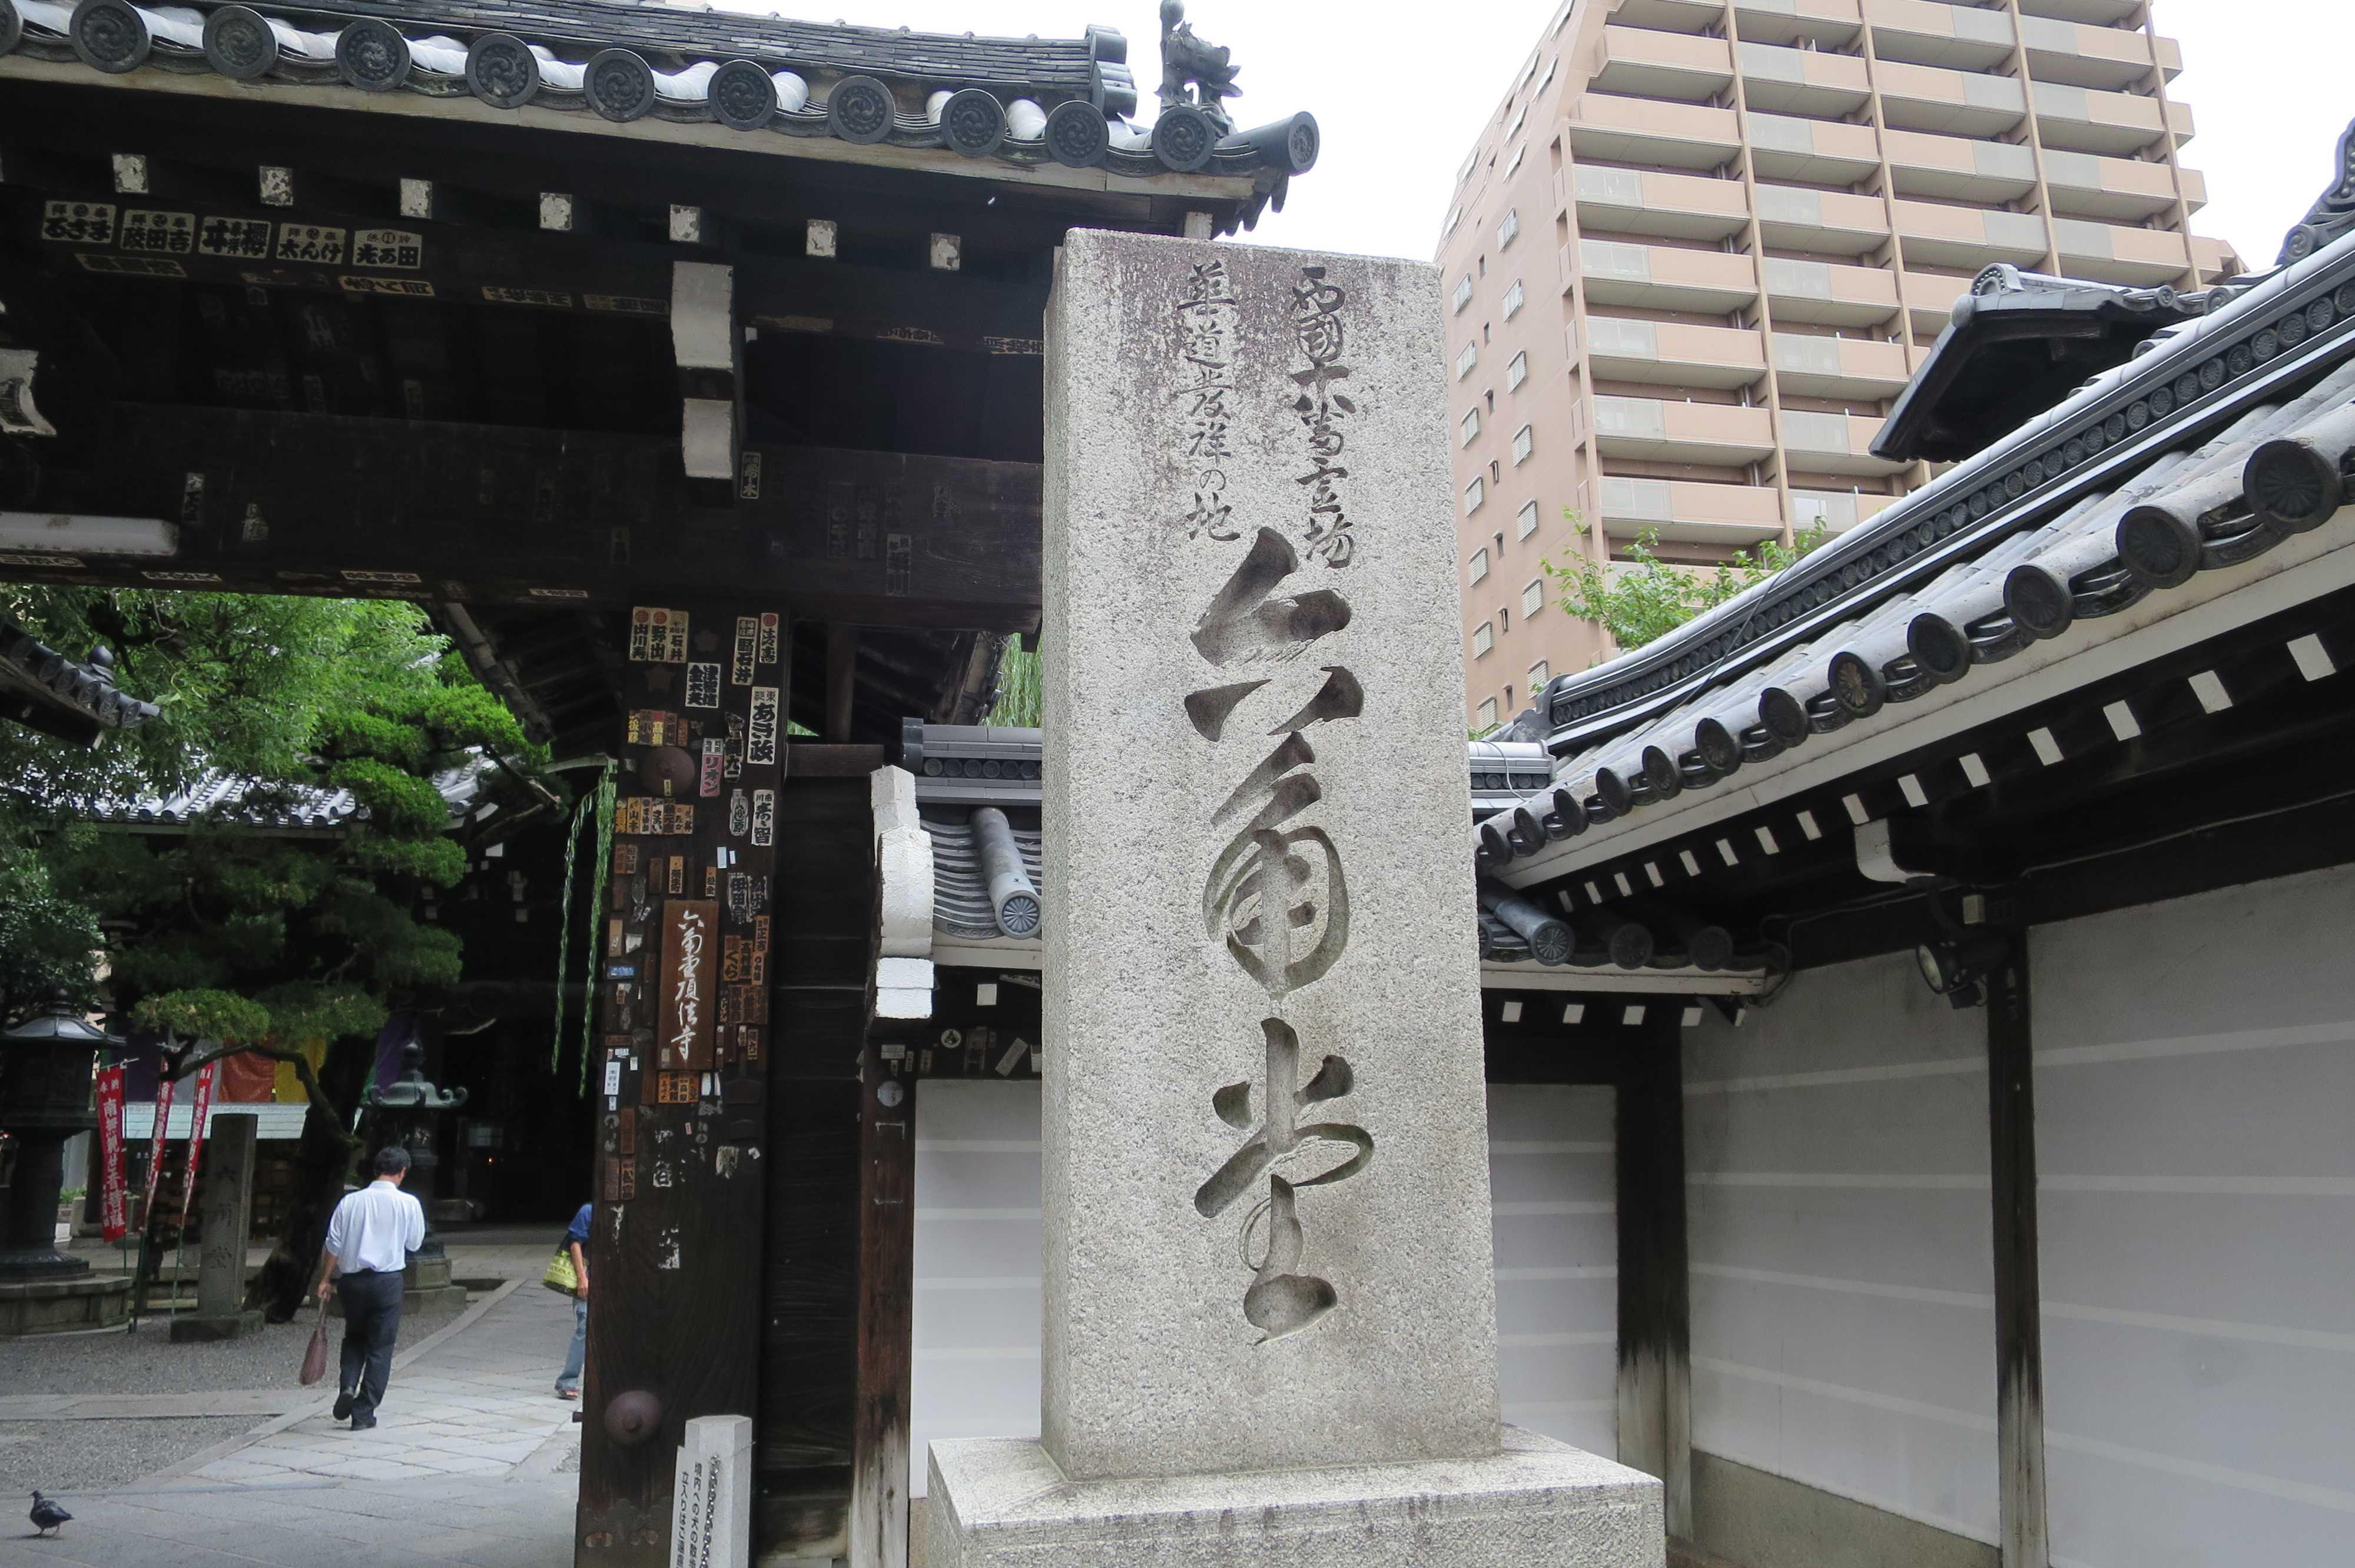 西国十八番霊場 華道発祥の地 六角堂(ろっかくどう)